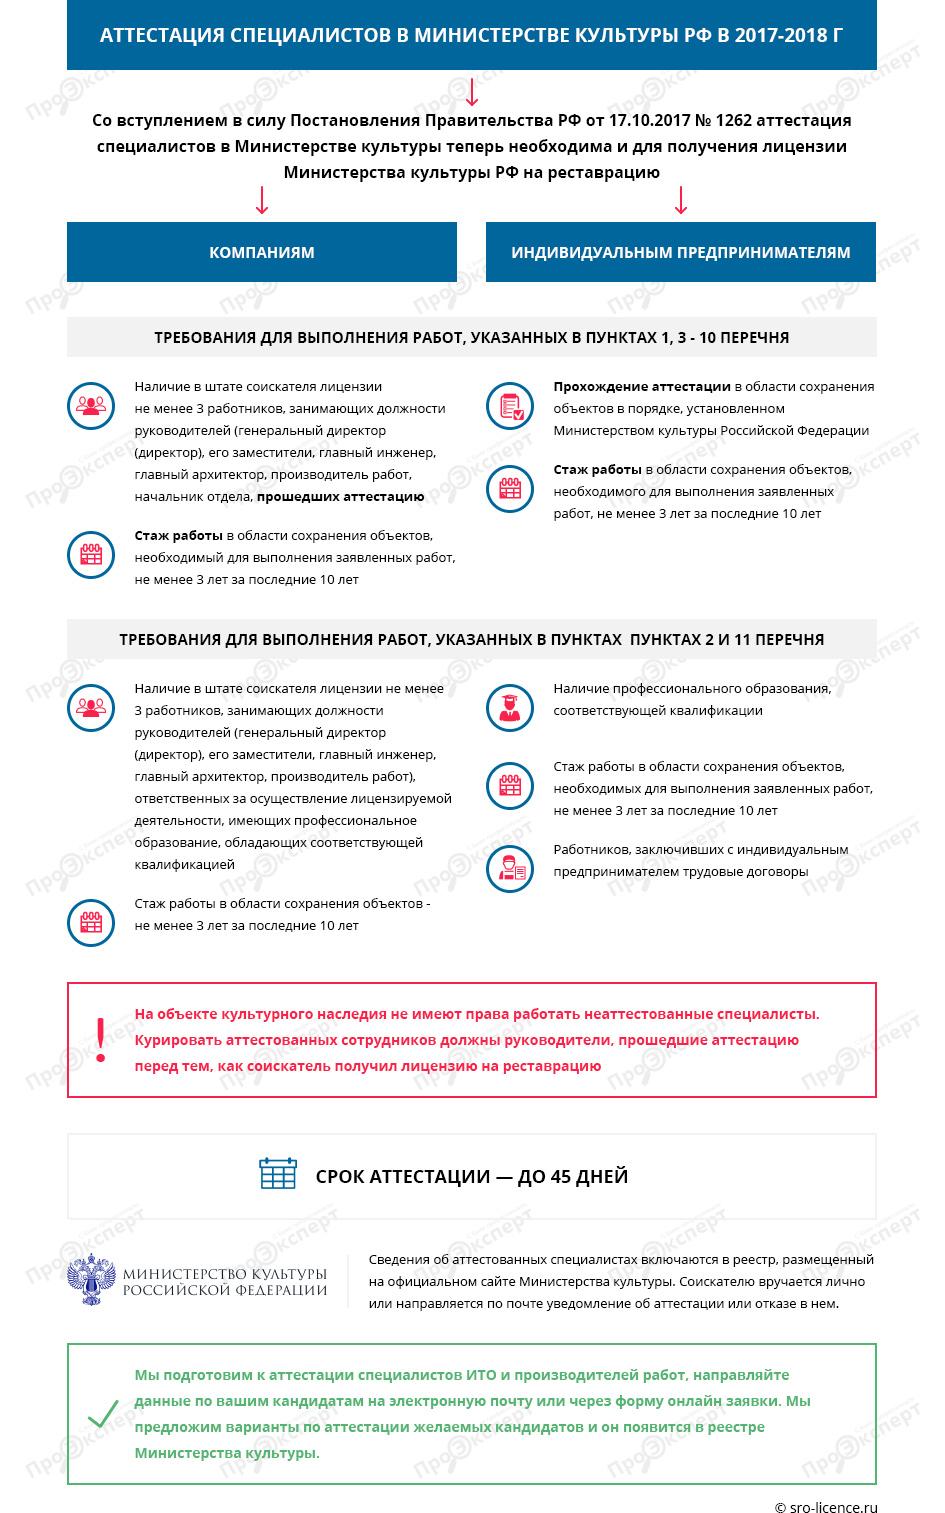 Аттестация специалистов в Министерстве культуры РФ в 2017-2018